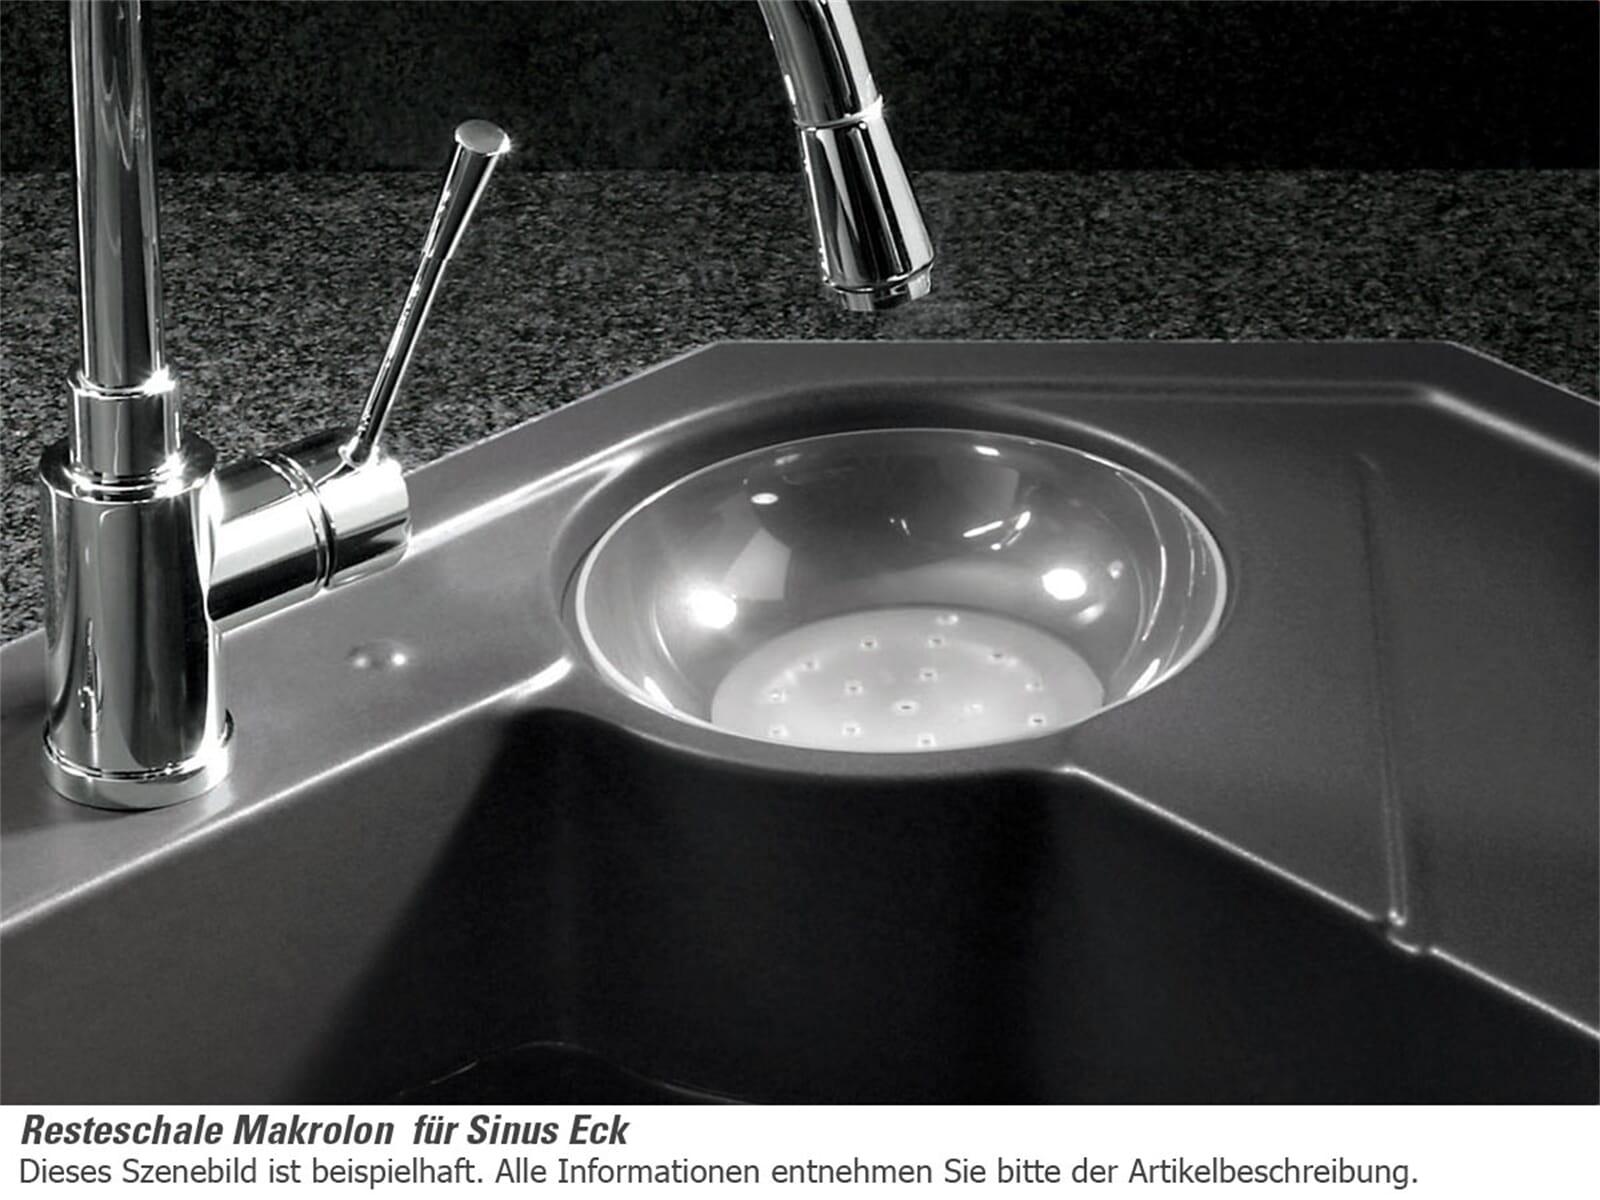 Produktabbildung Resteschale Makrolon 05080